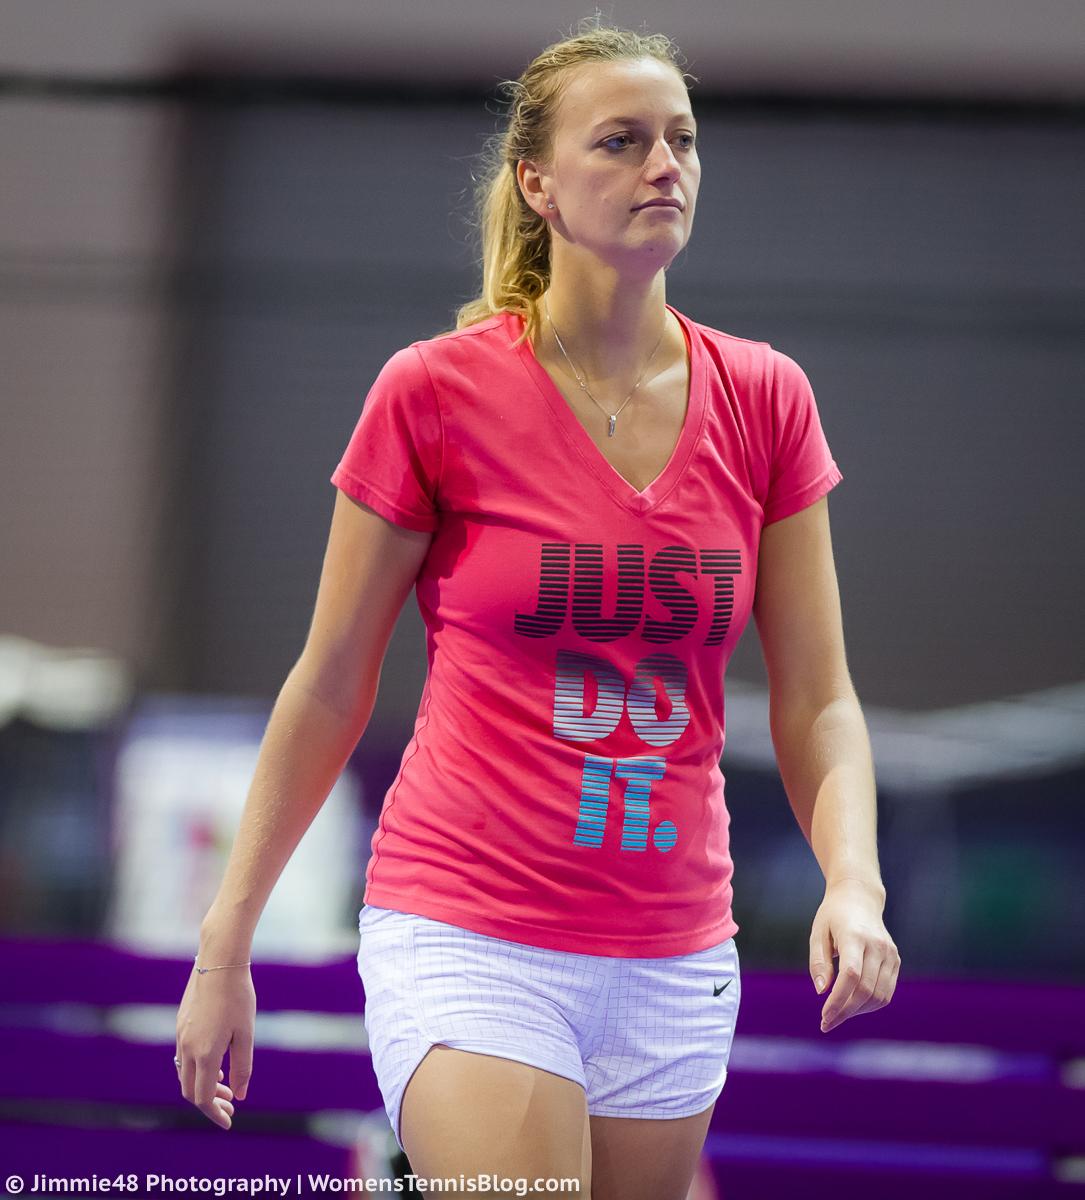 Wta: Sharapova Makes Successful WTA Comeback In Singapore